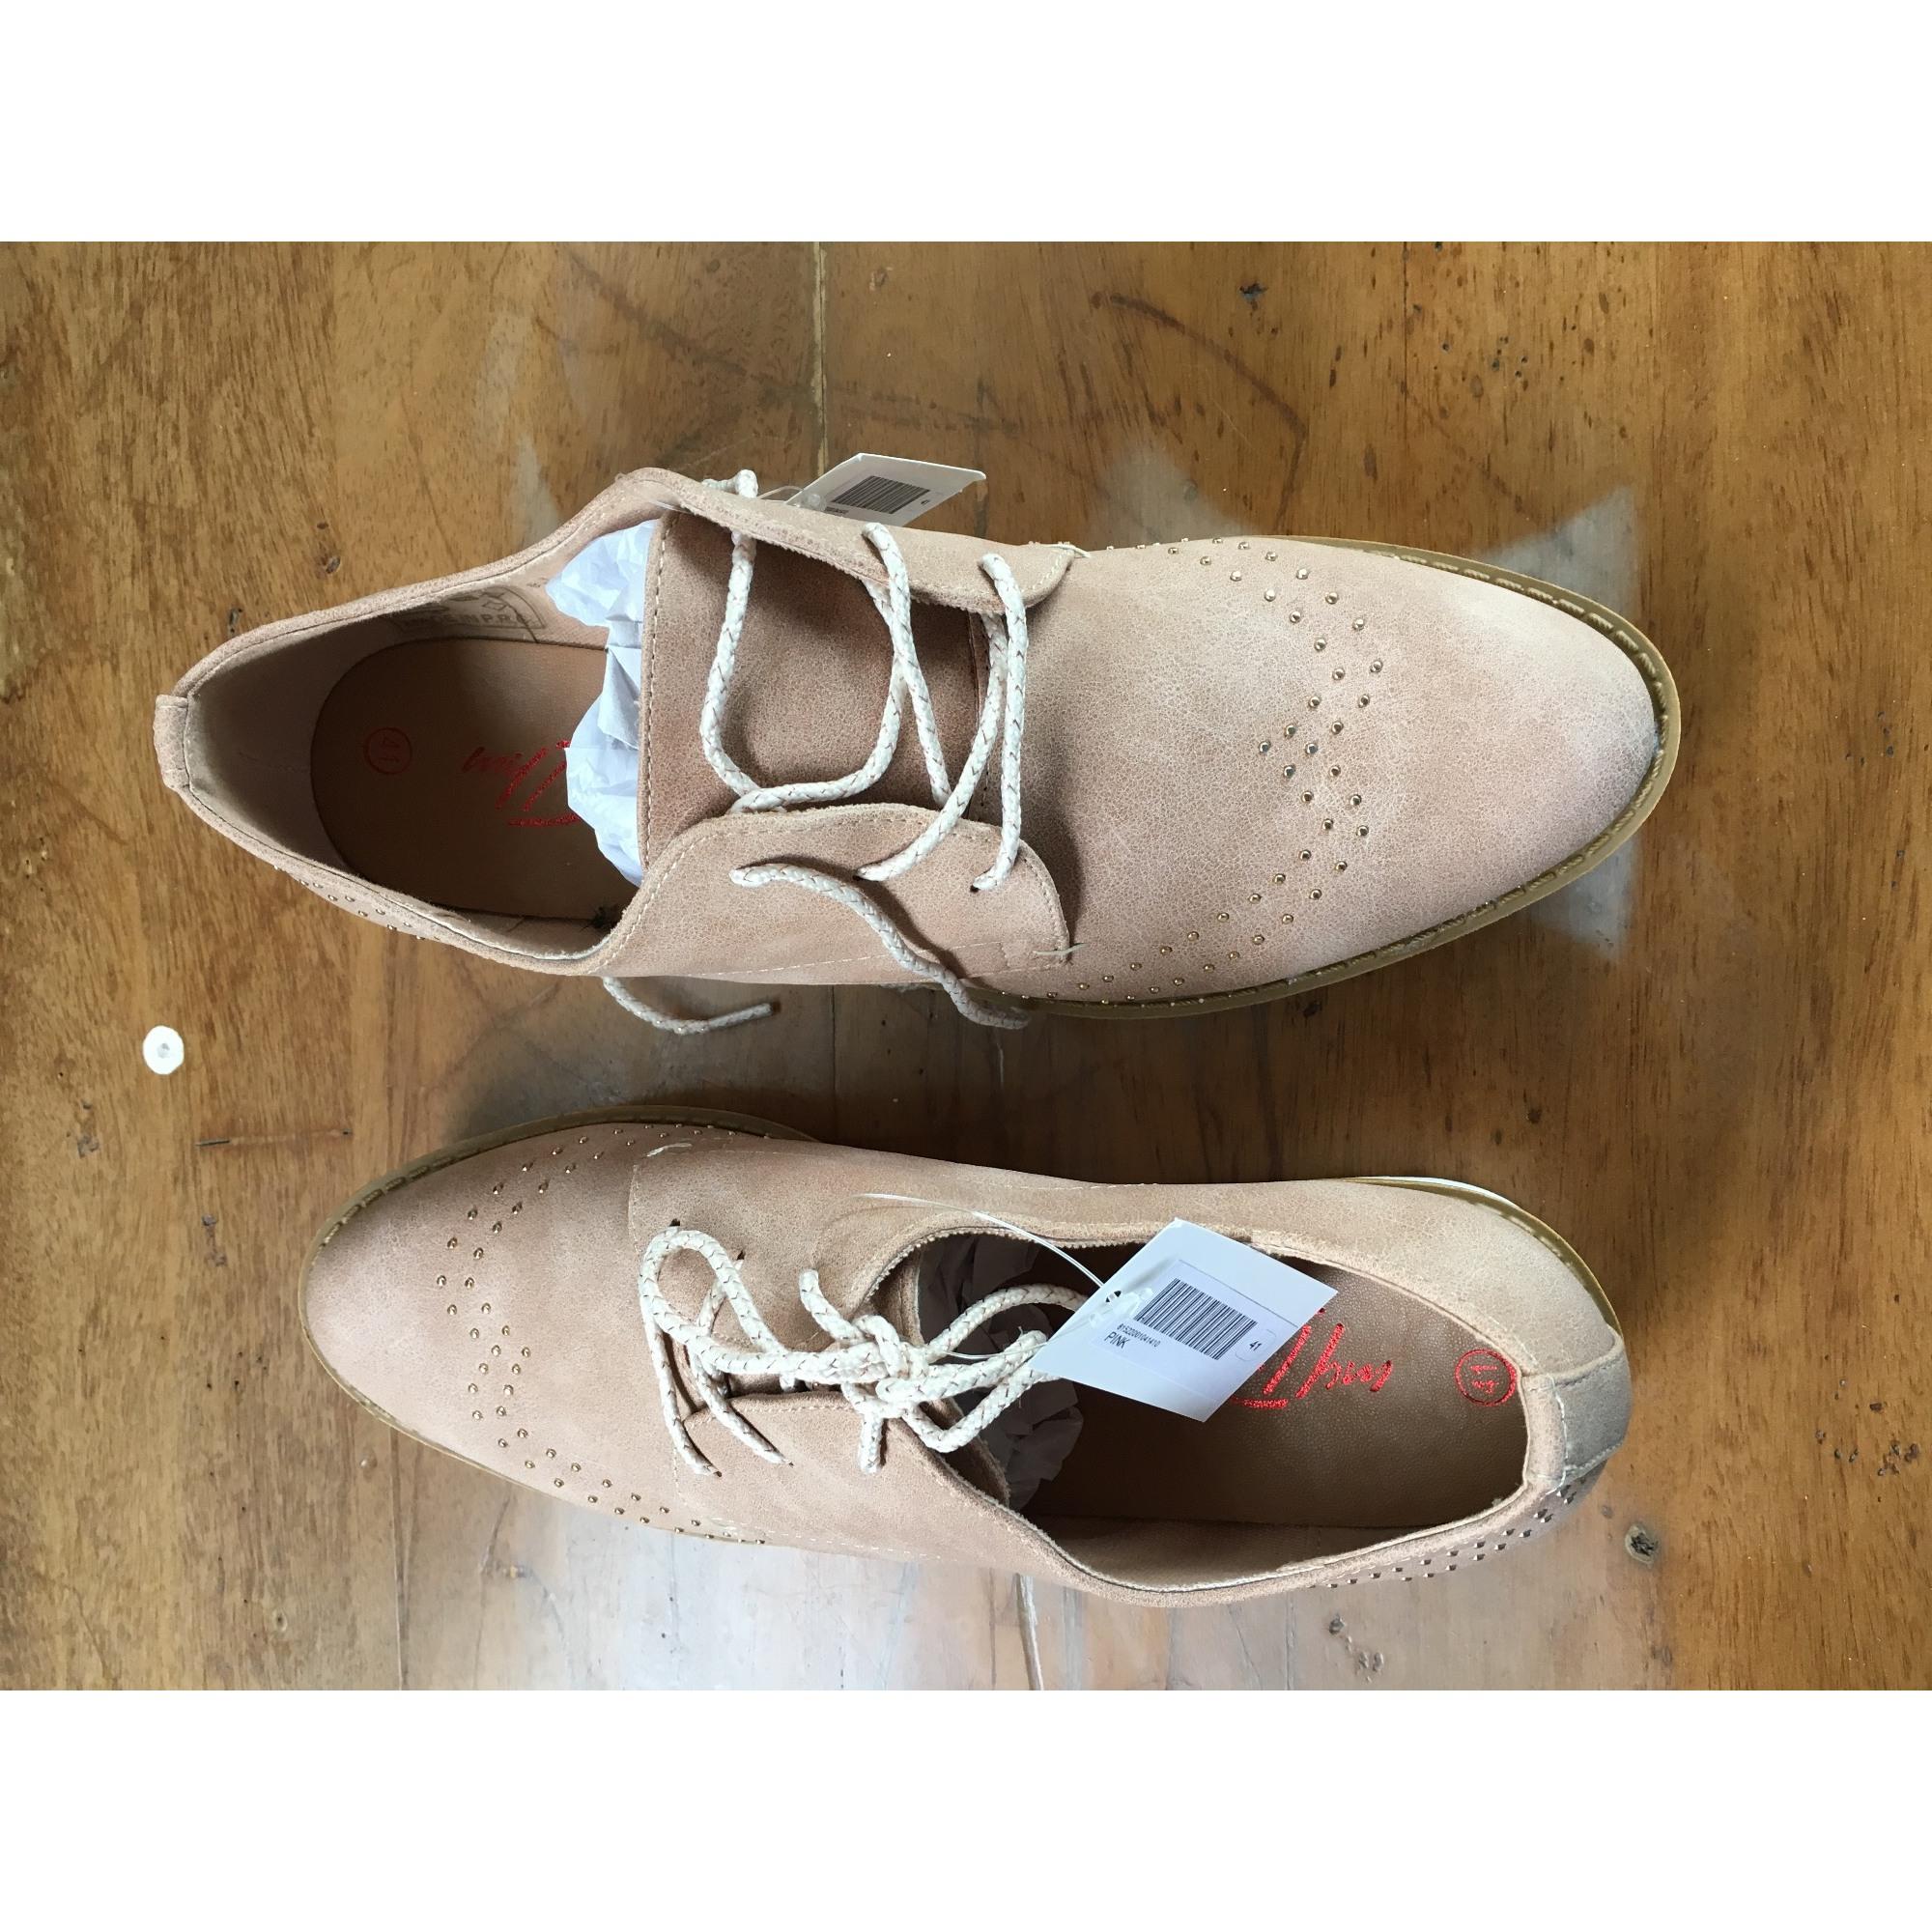 profiter de prix pas cher style de la mode de 2019 marque célèbre Femme Chaussea Chaussures 2019 Chaussures Printemps 1clJKTF3